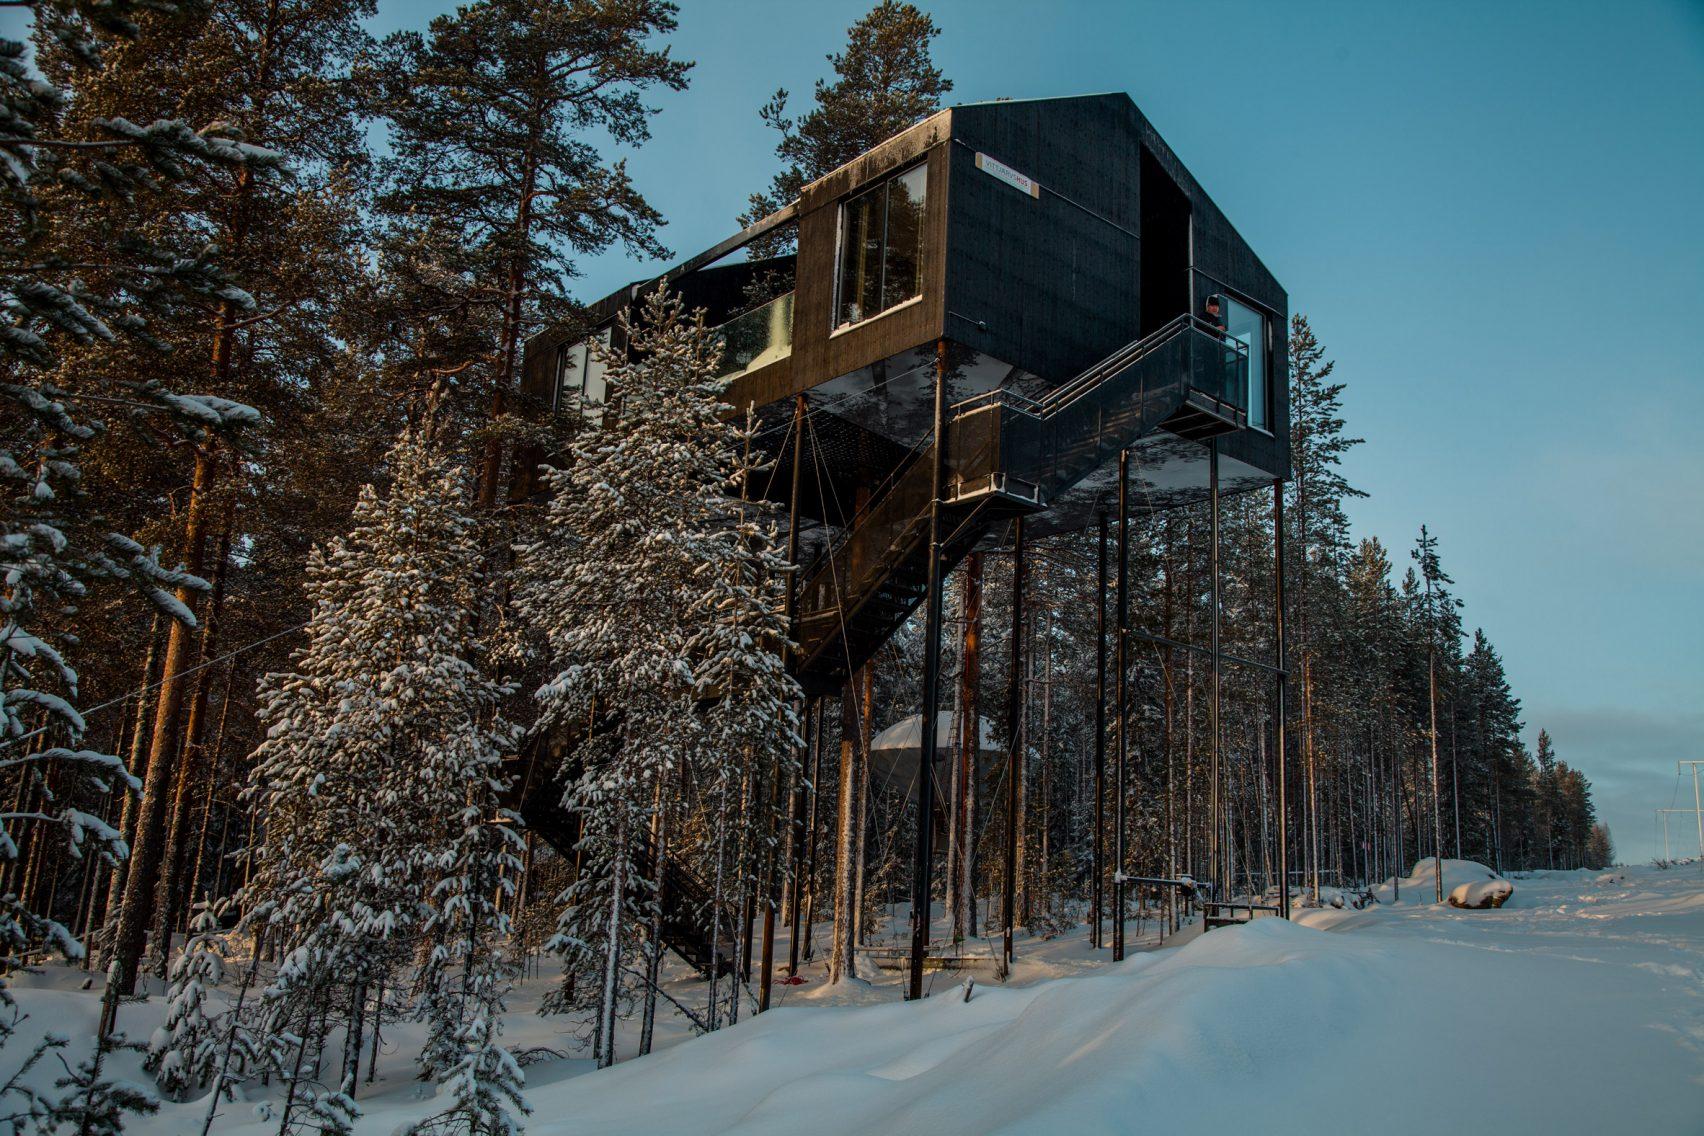 Treehotel Swedish Lapland